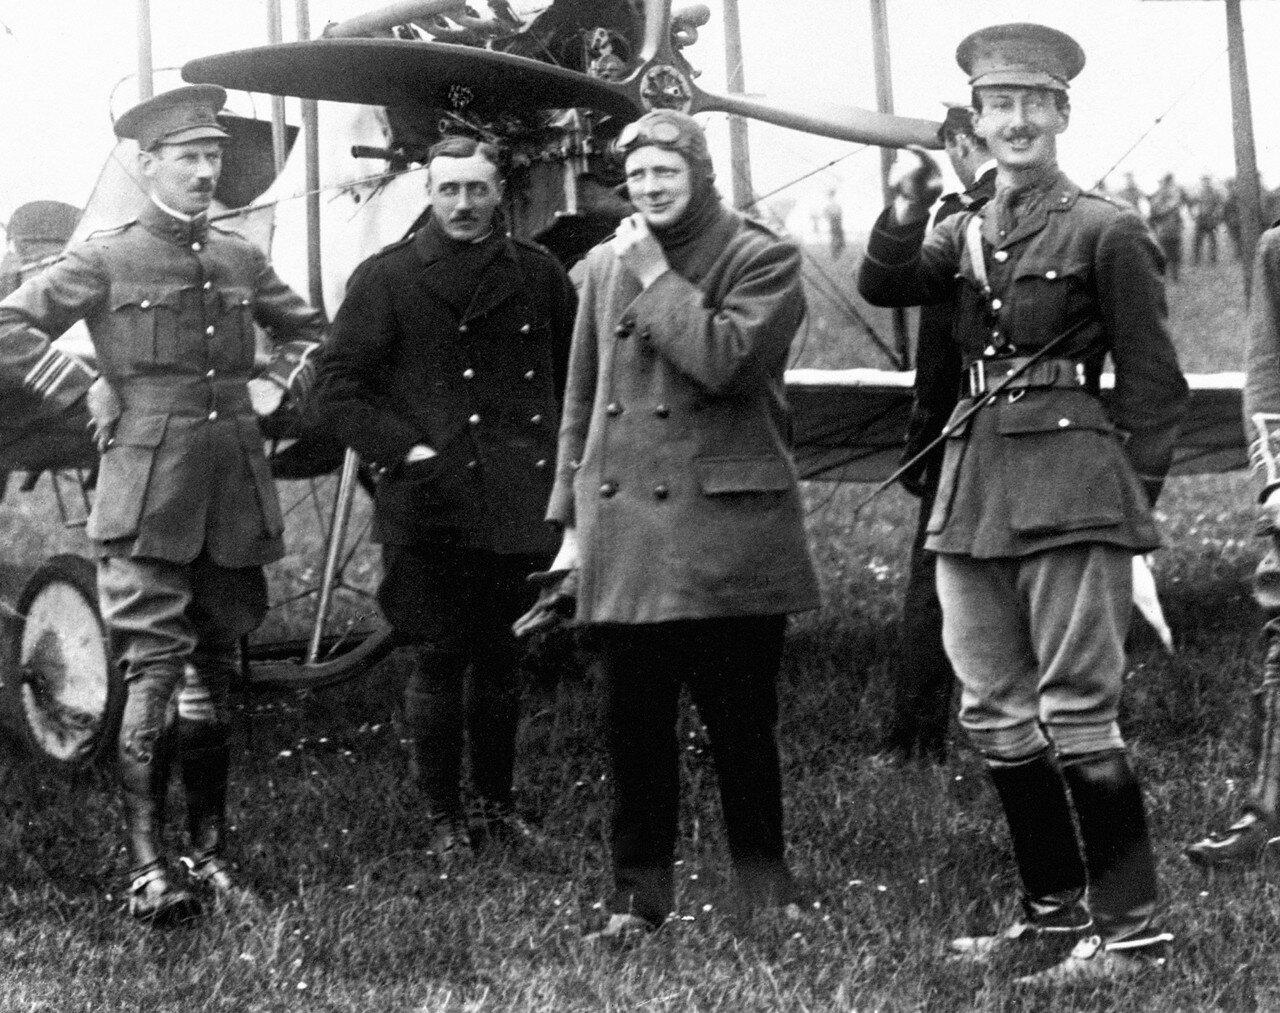 1914. Уинстон Черчилль, первый лорд адмиралтейства прибыл в Портсмут совершив двадцатиминутный полет на самолете, пилотируемом майором Джеррардом. Апрель